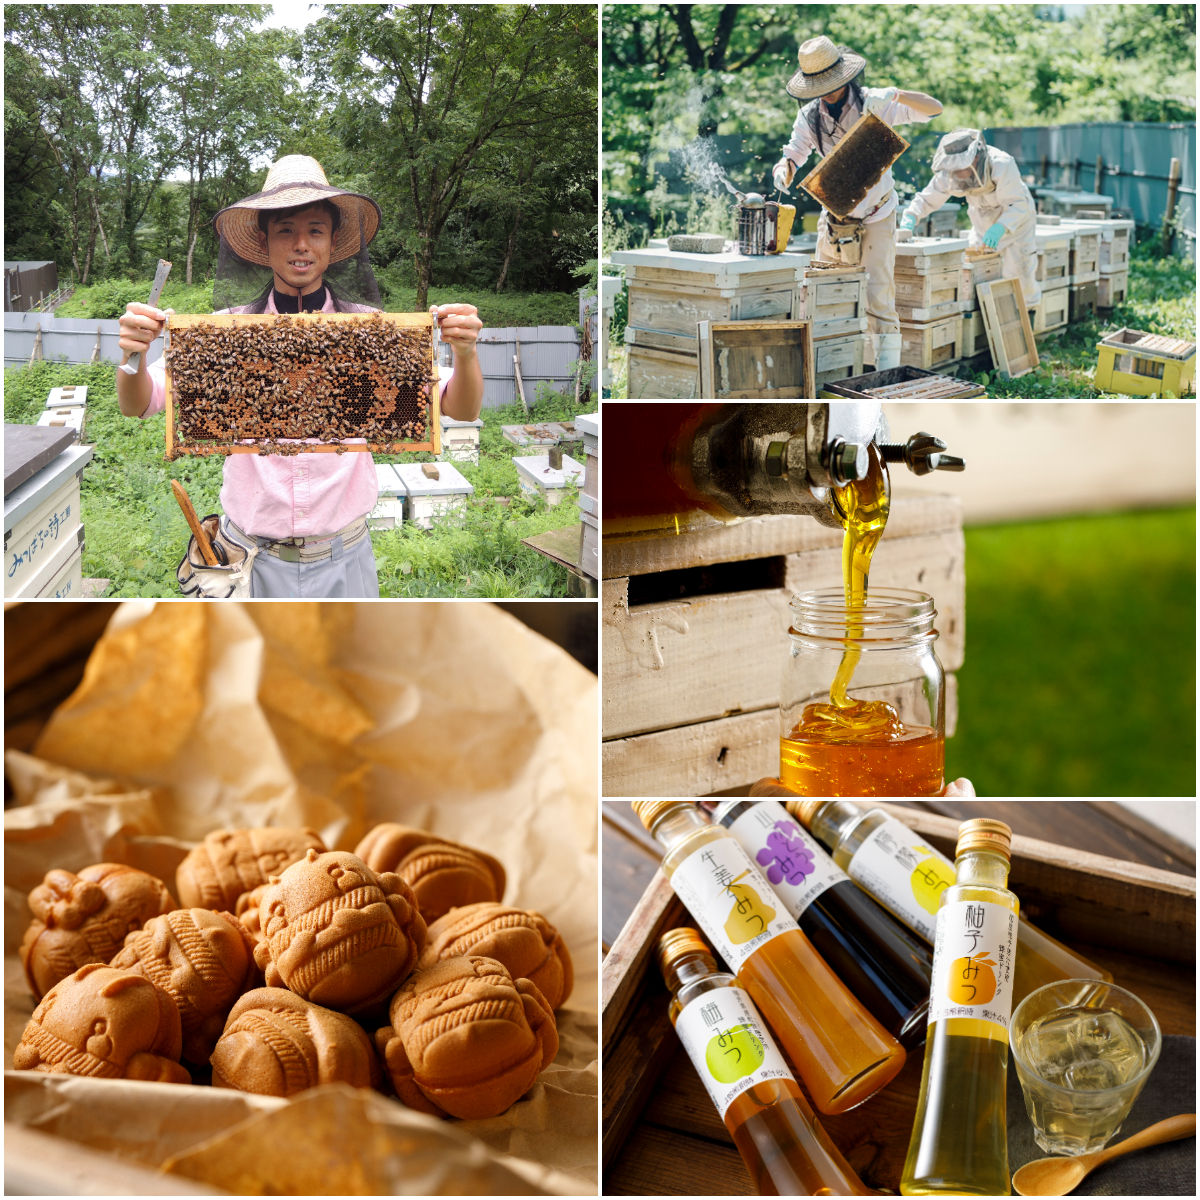 【6/12・13】『金澤やまぎし養蜂場 大桑店』で1年に1度の「初採り! アカシア祭り」を開催。